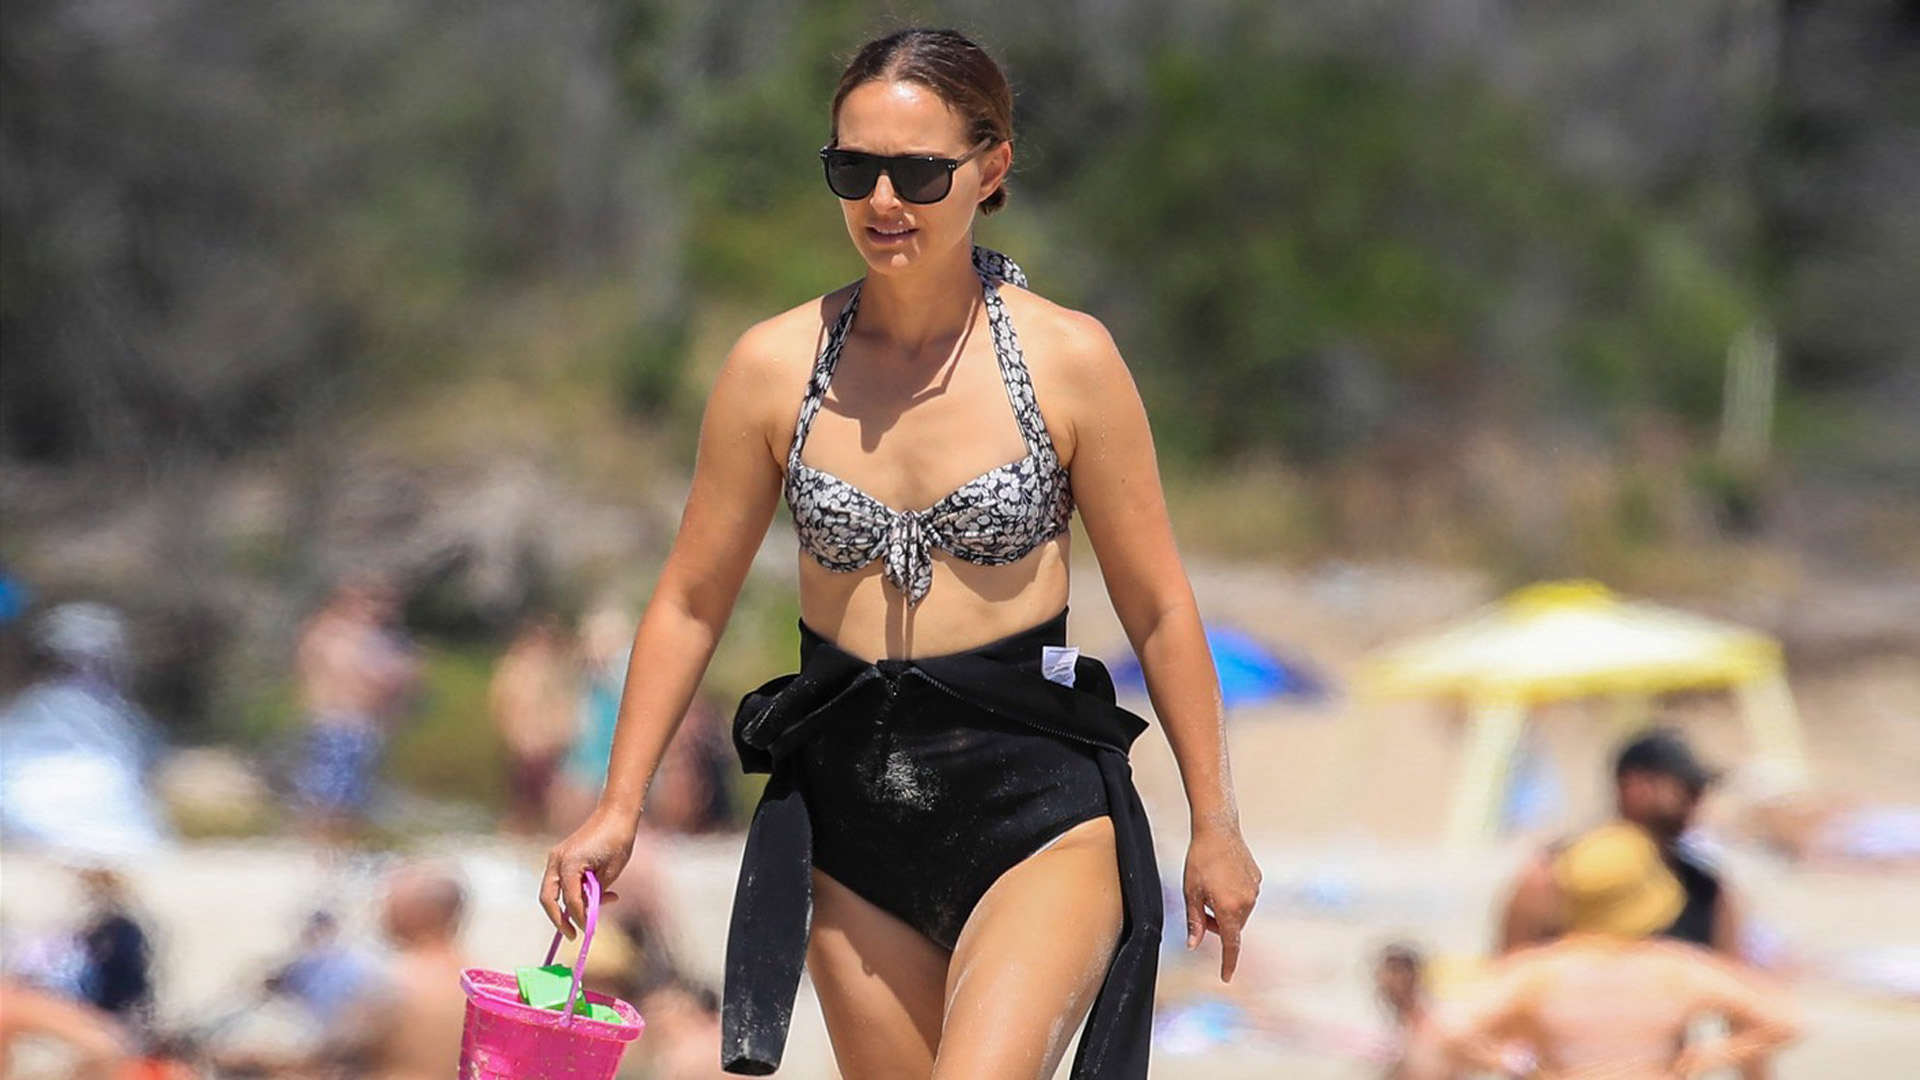 Így festenek a hírességek bikiniben a tengerparton